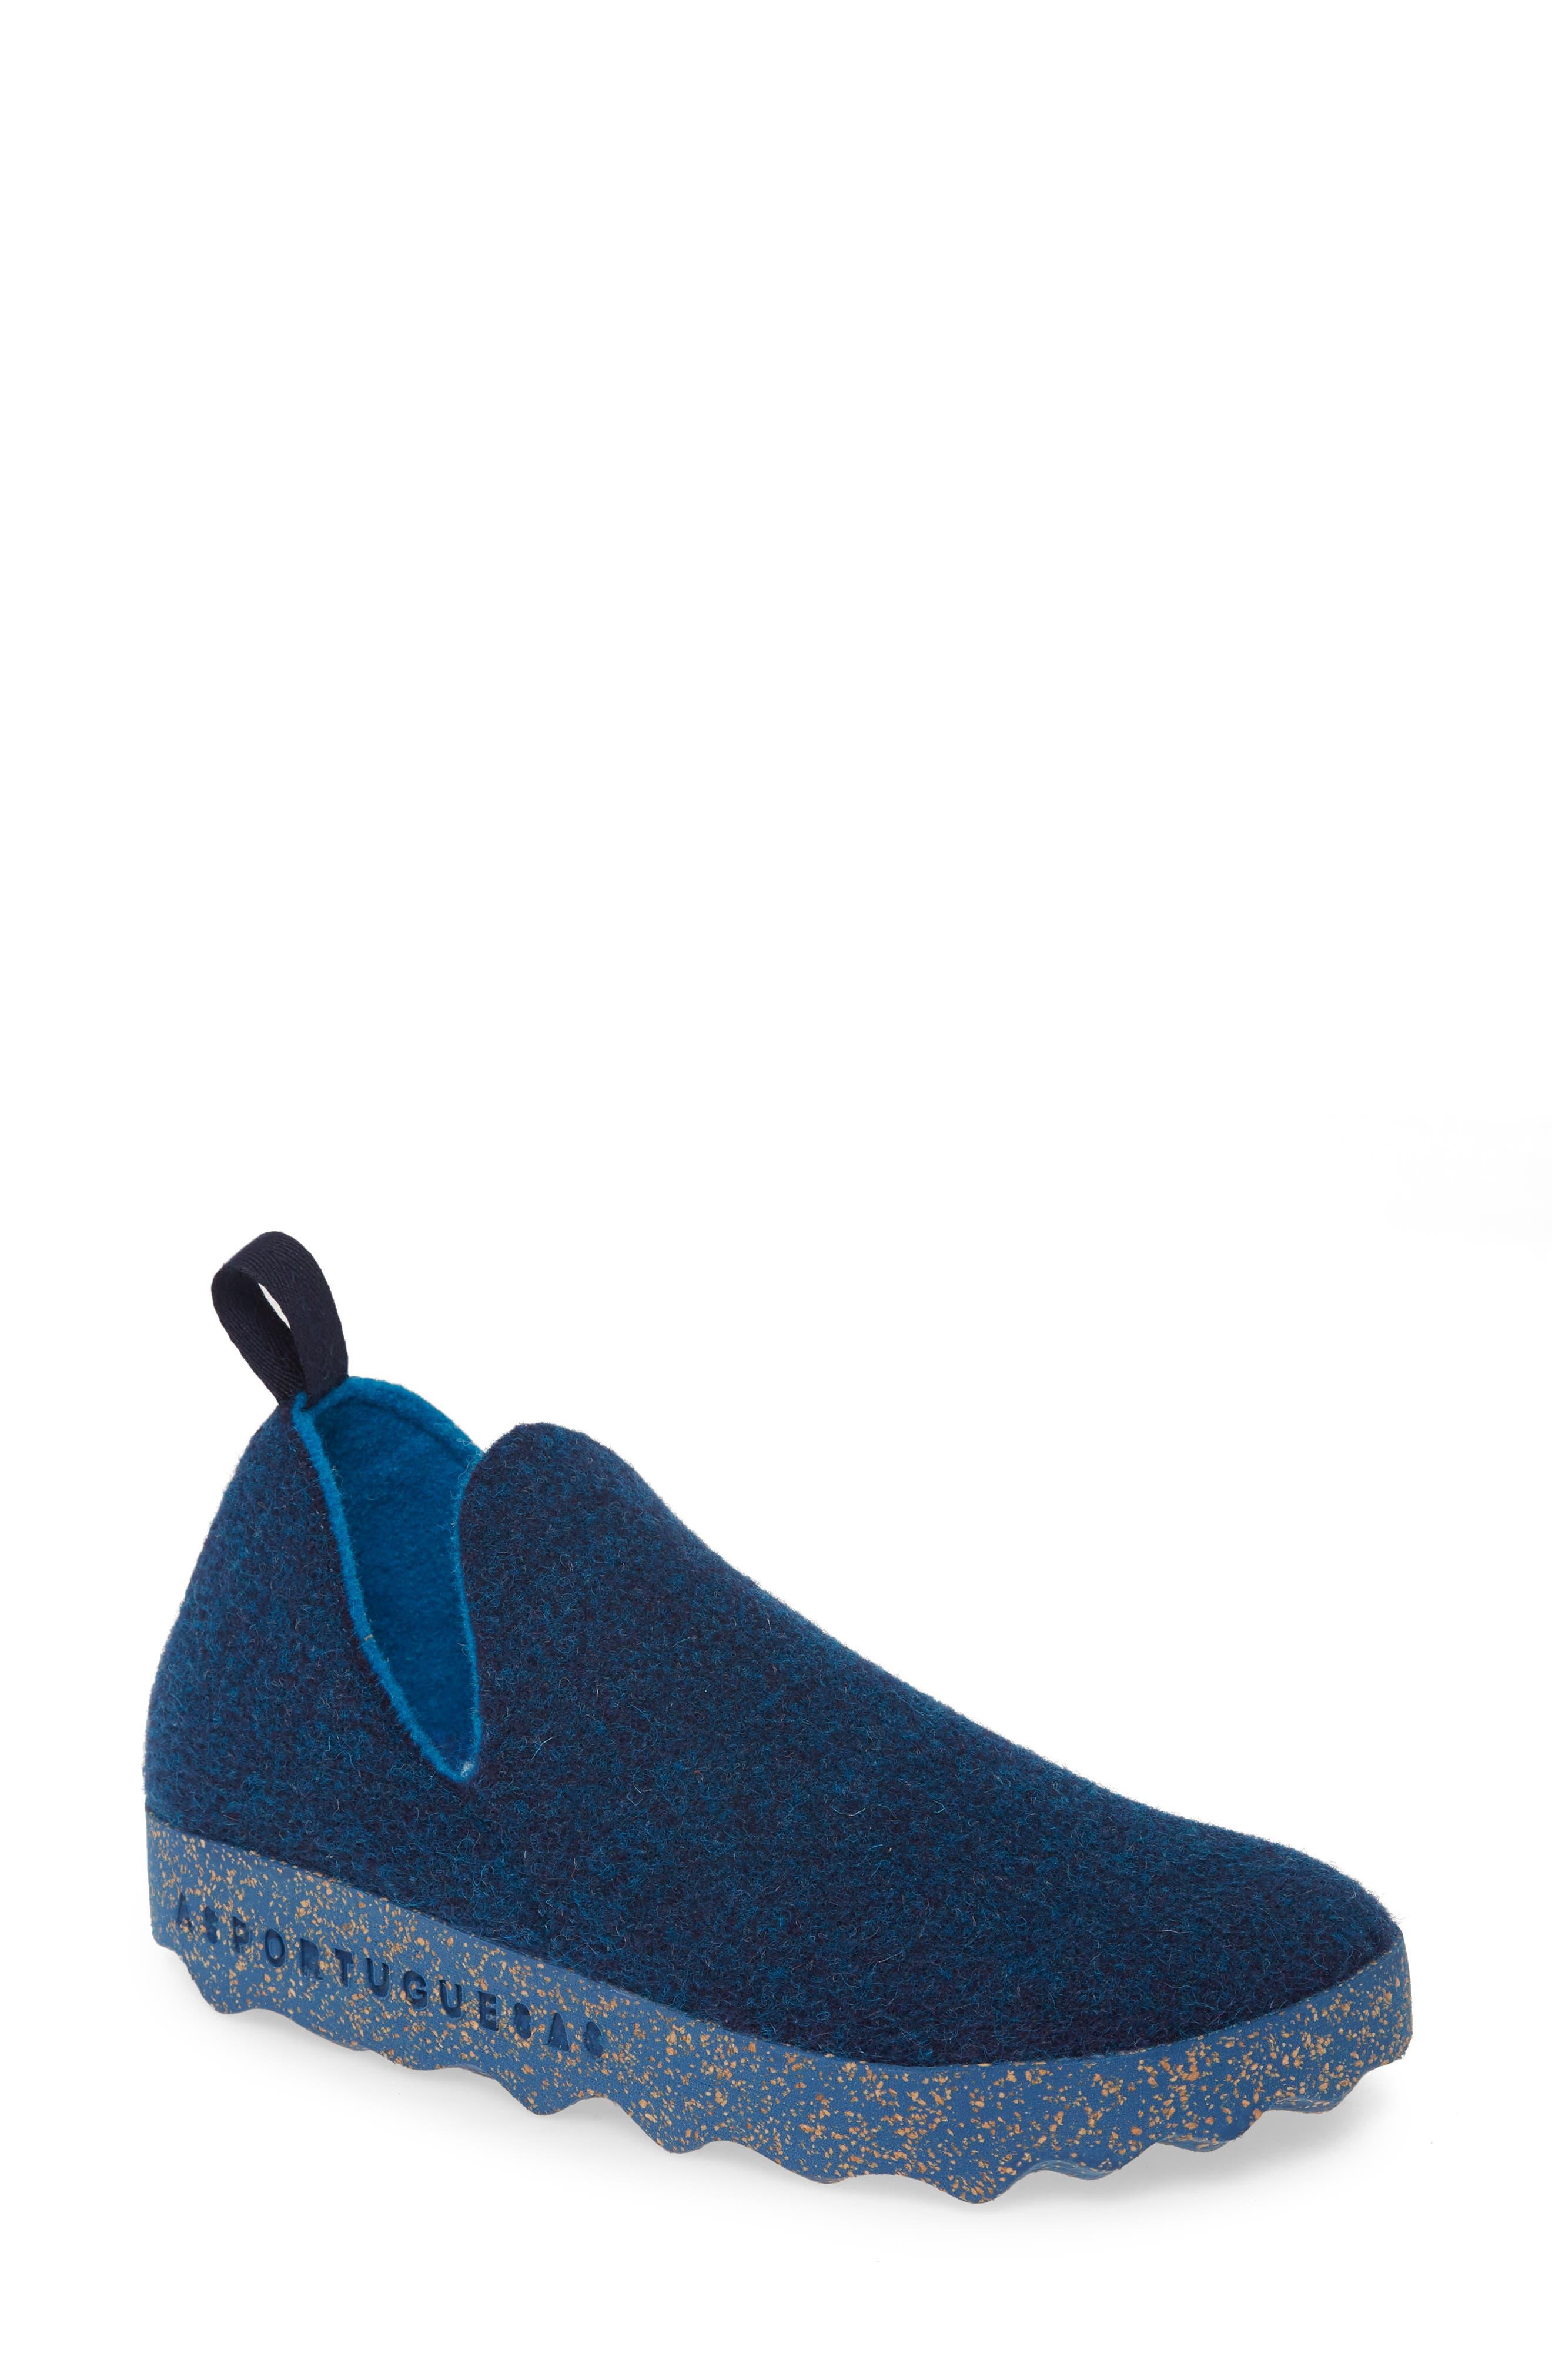 Asportuguesas By Fly London City Sneaker, Blue